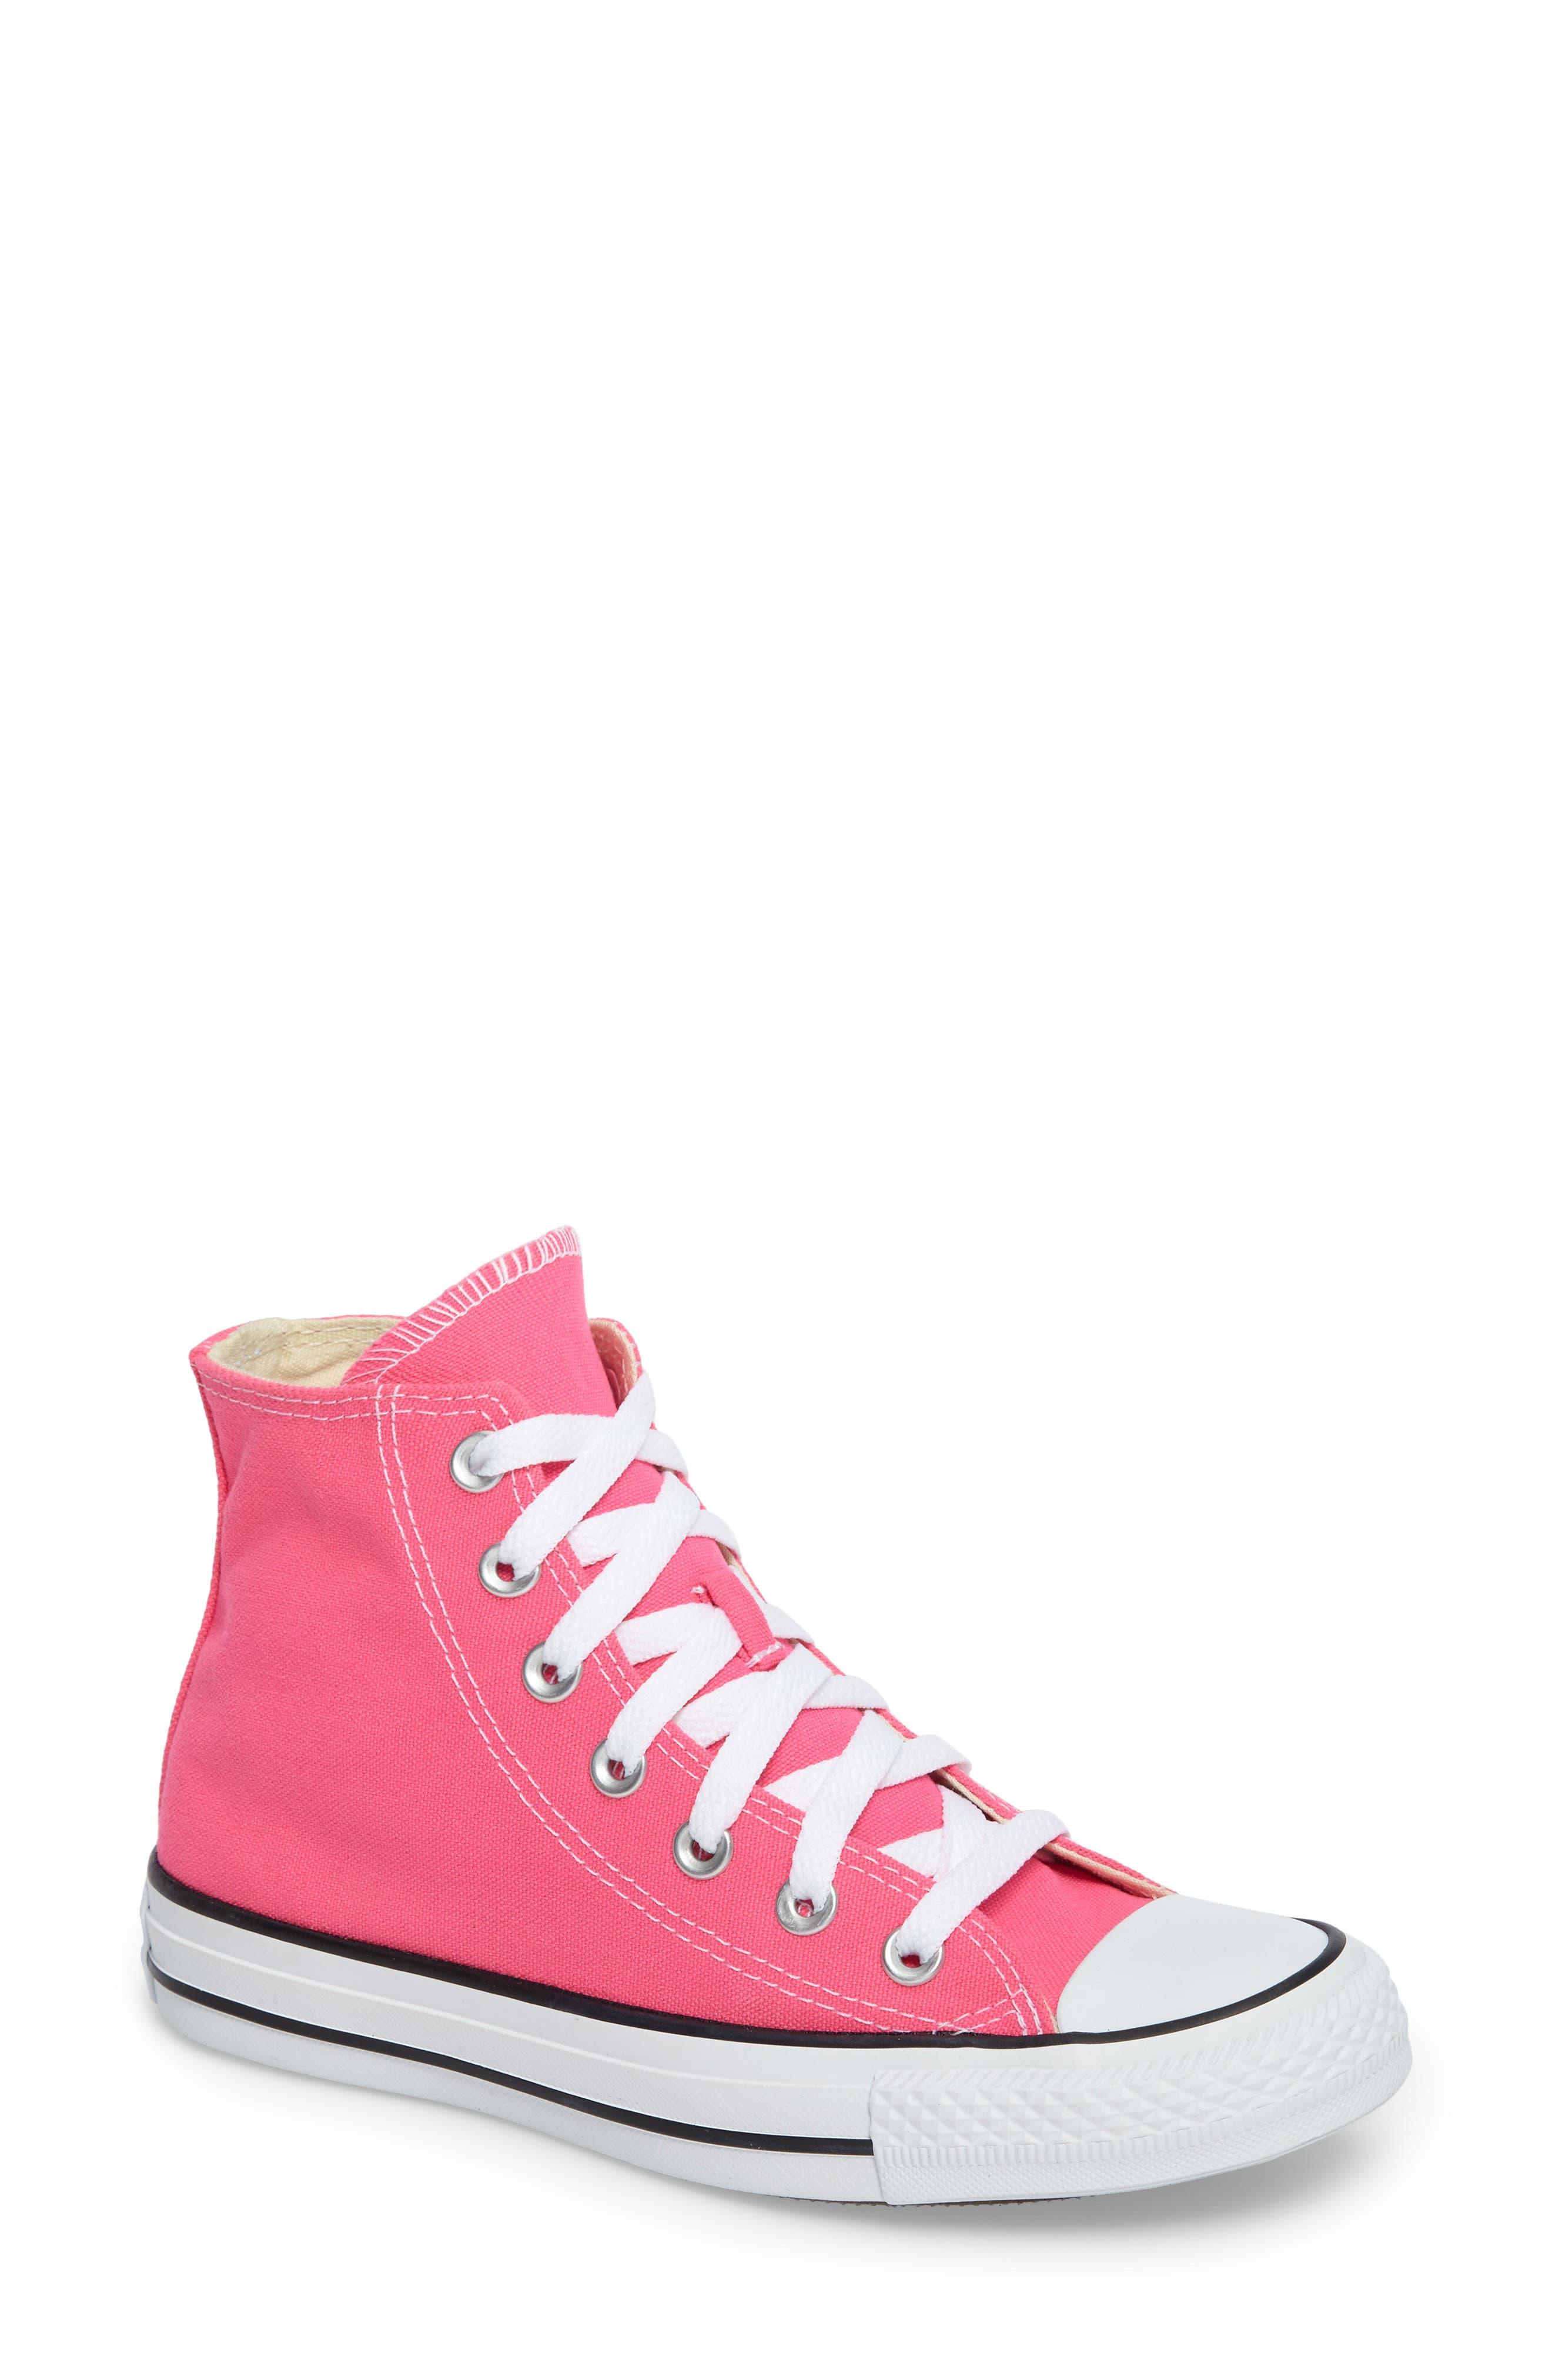 Chuck Taylor<sup>®</sup> All Star<sup>®</sup> Seasonal Hi Sneaker,                             Main thumbnail 1, color,                             Petal Pink